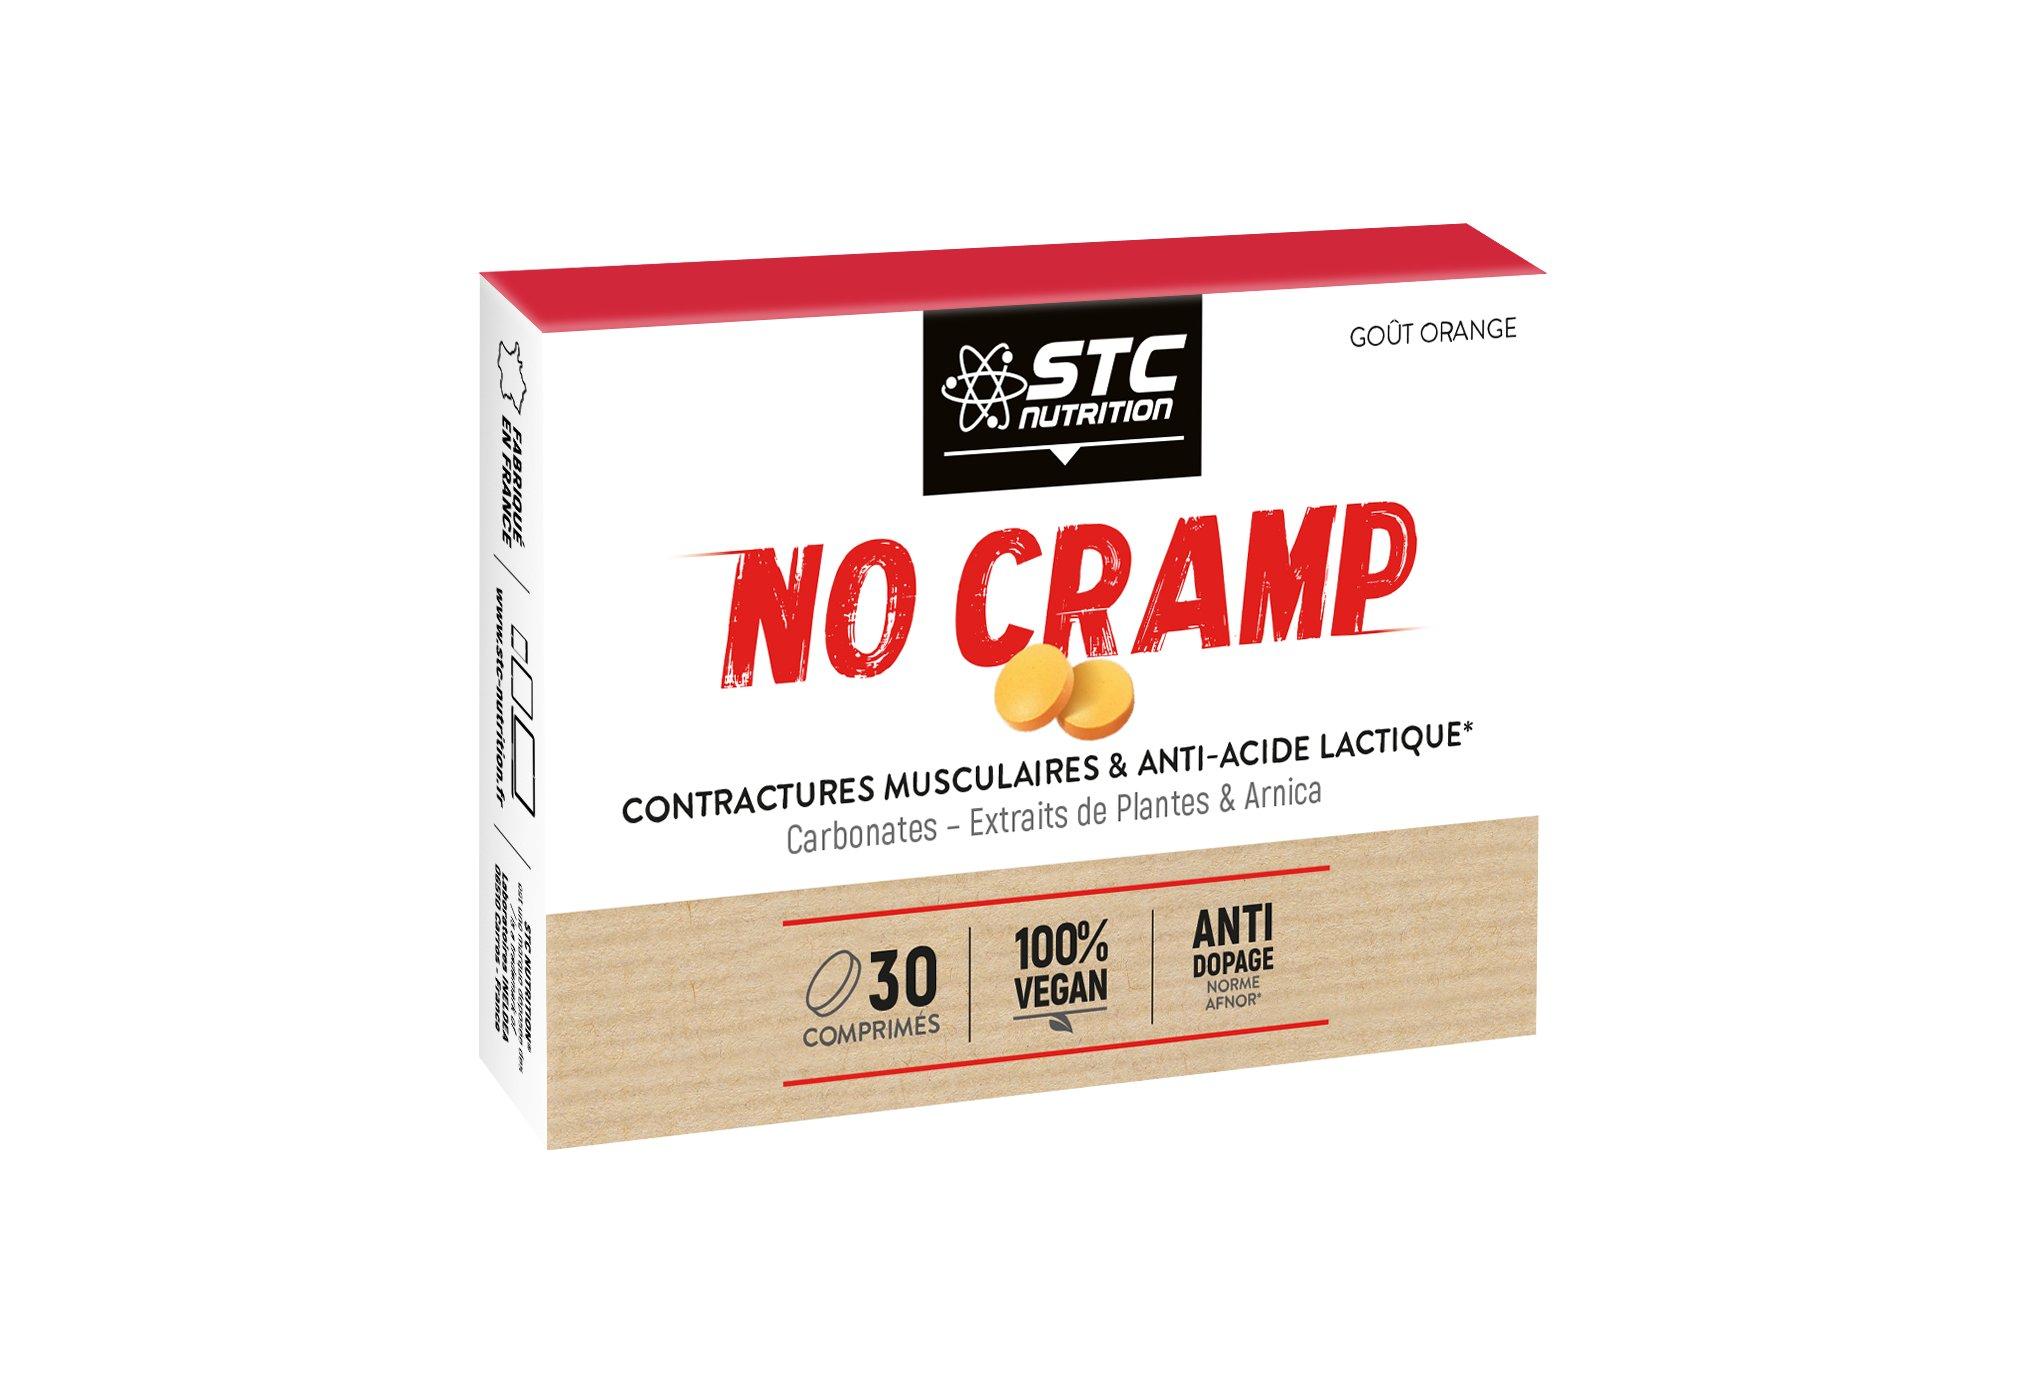 STC Nutrition No Cramp 30 Comprimés - 100% Vegan Diététique Compléments